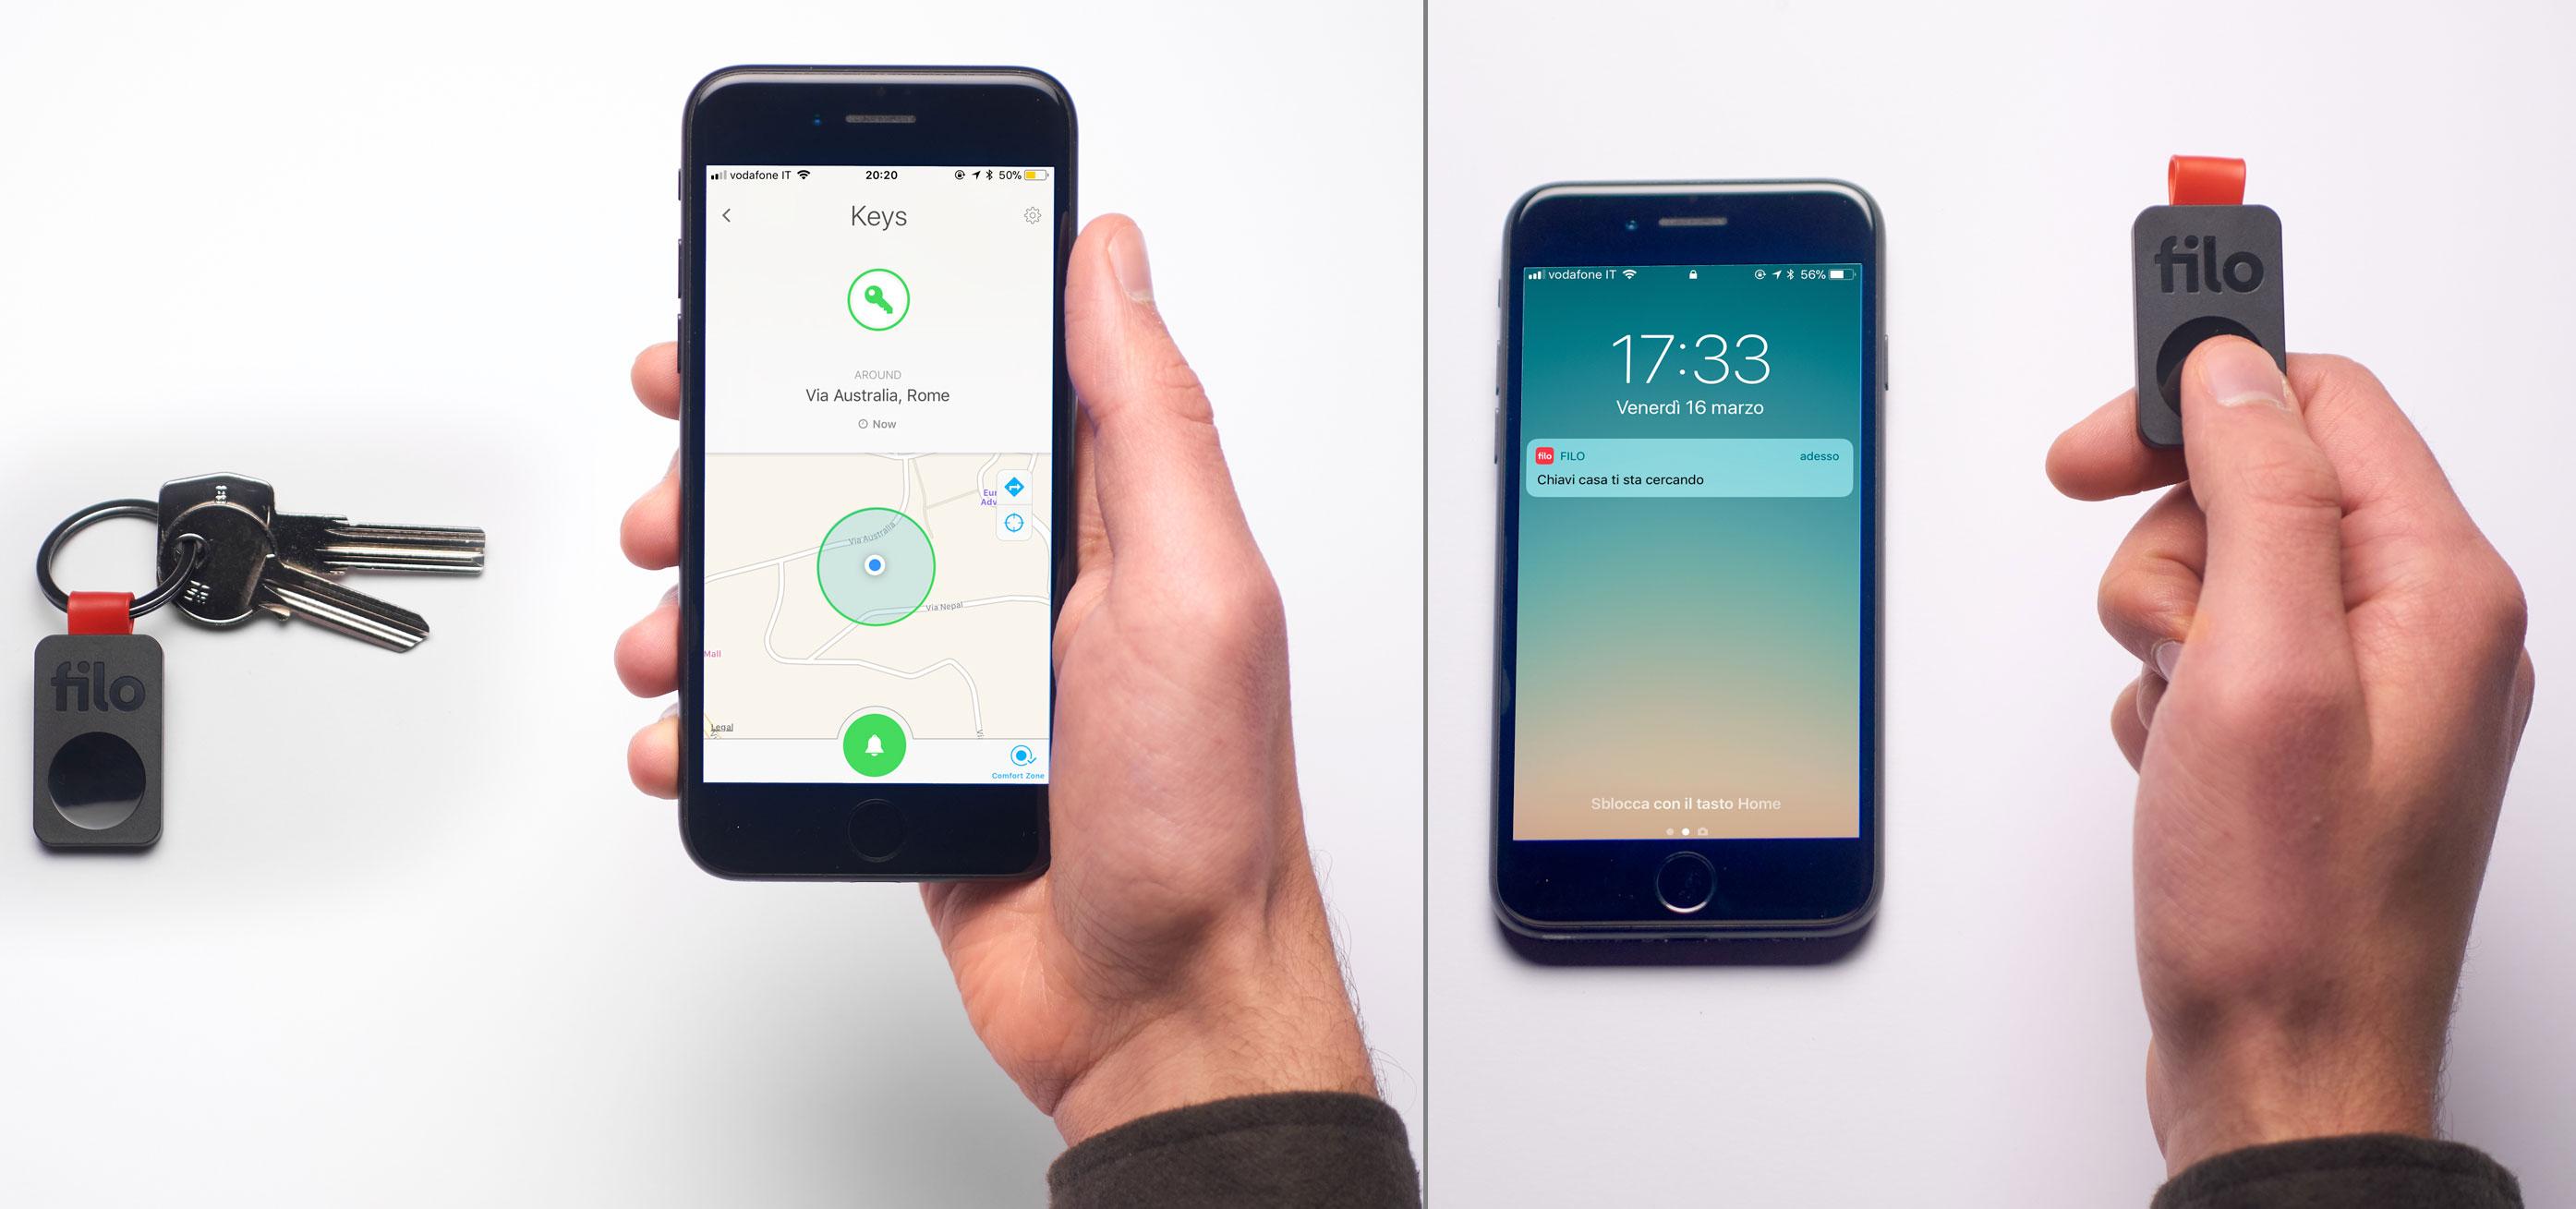 Tag, ora basta una app per non perdere le chiavi